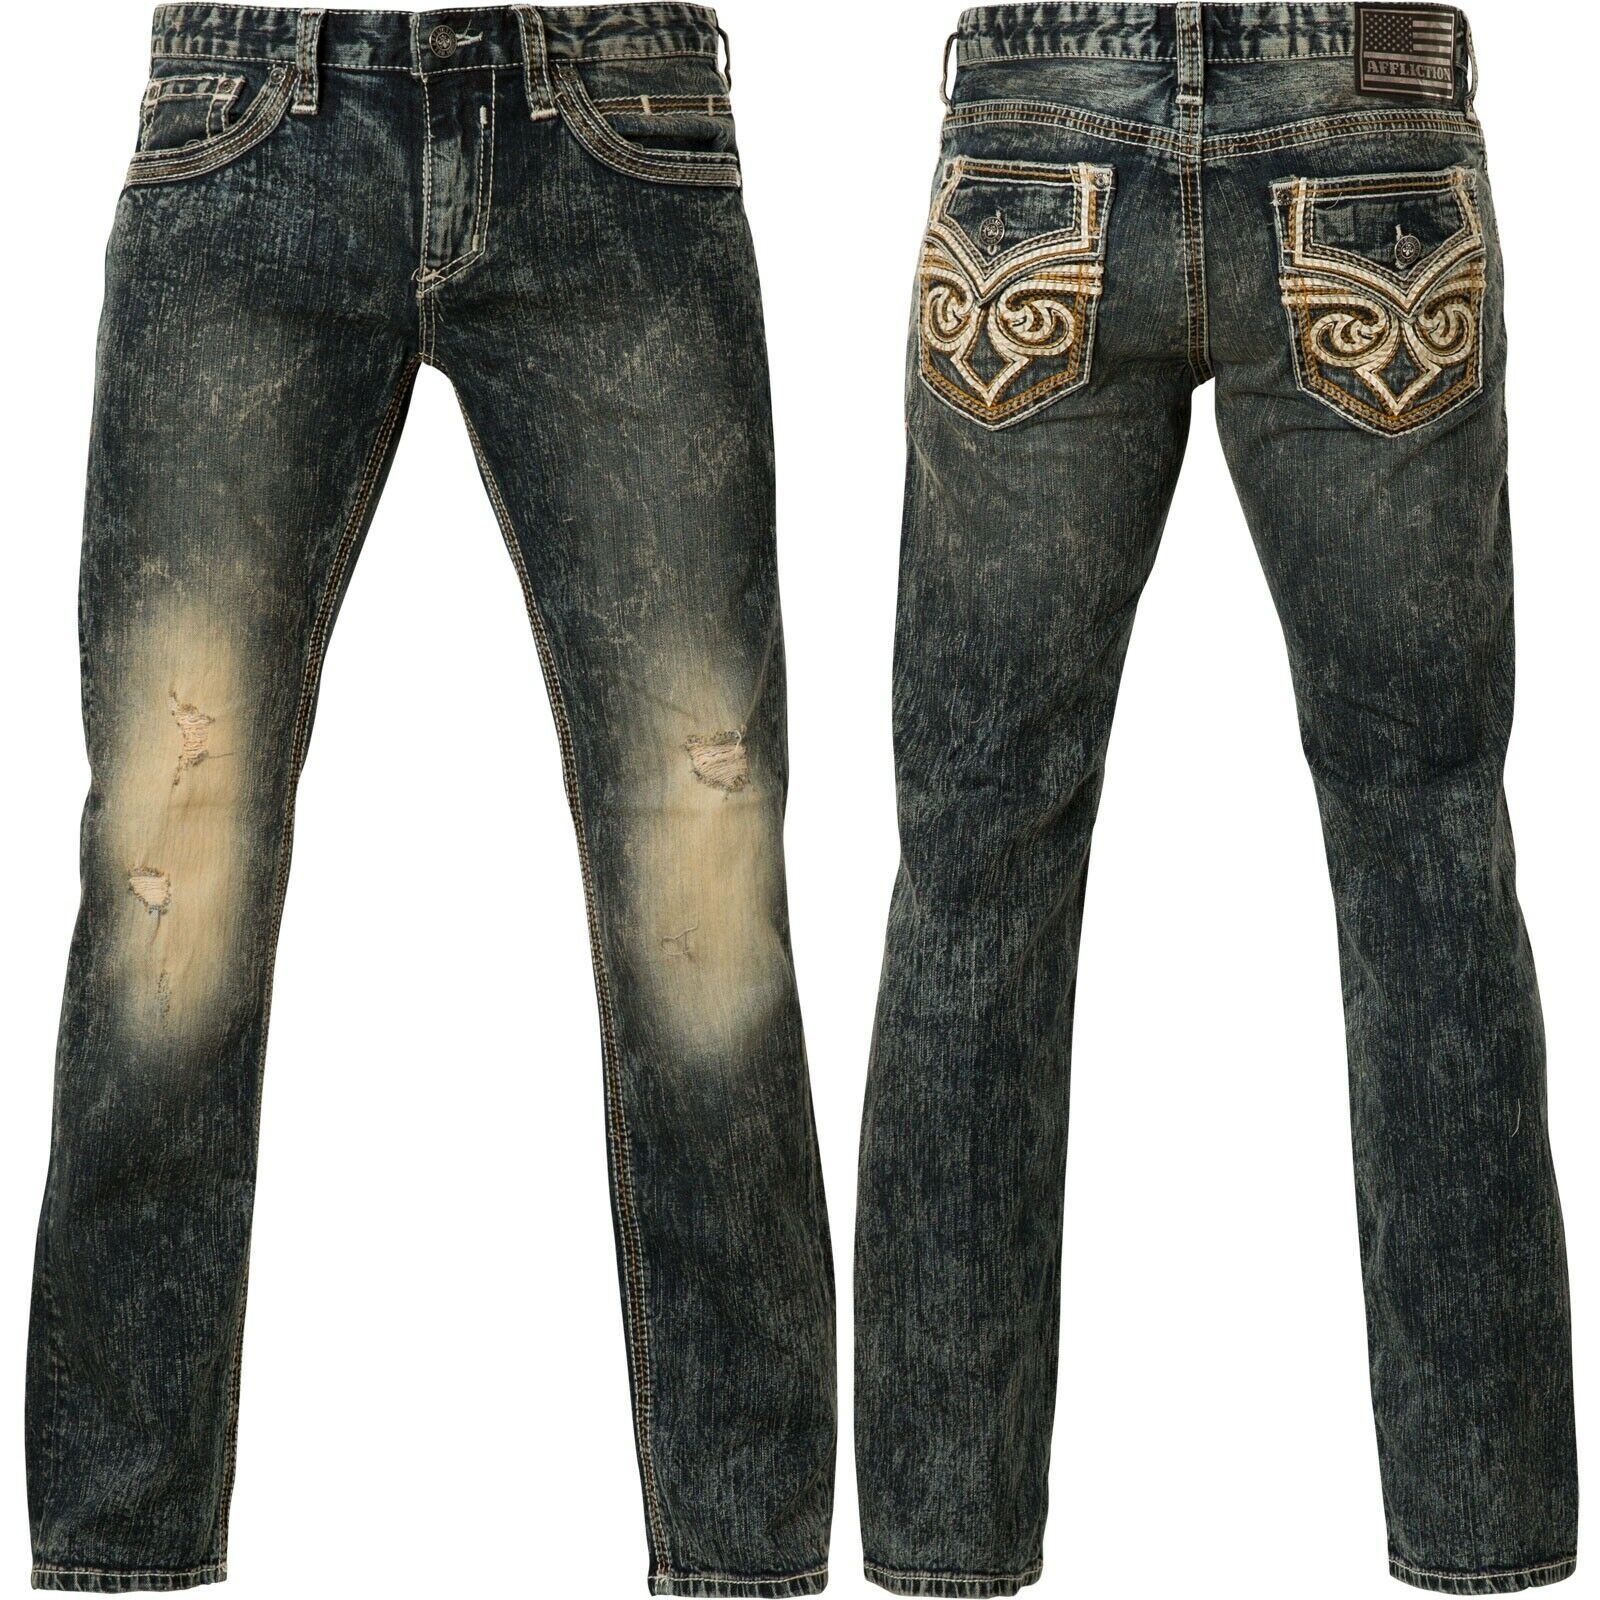 Affliction jeans Ace Fleur cóndor azul oscuro   alta calidad y envío rápido